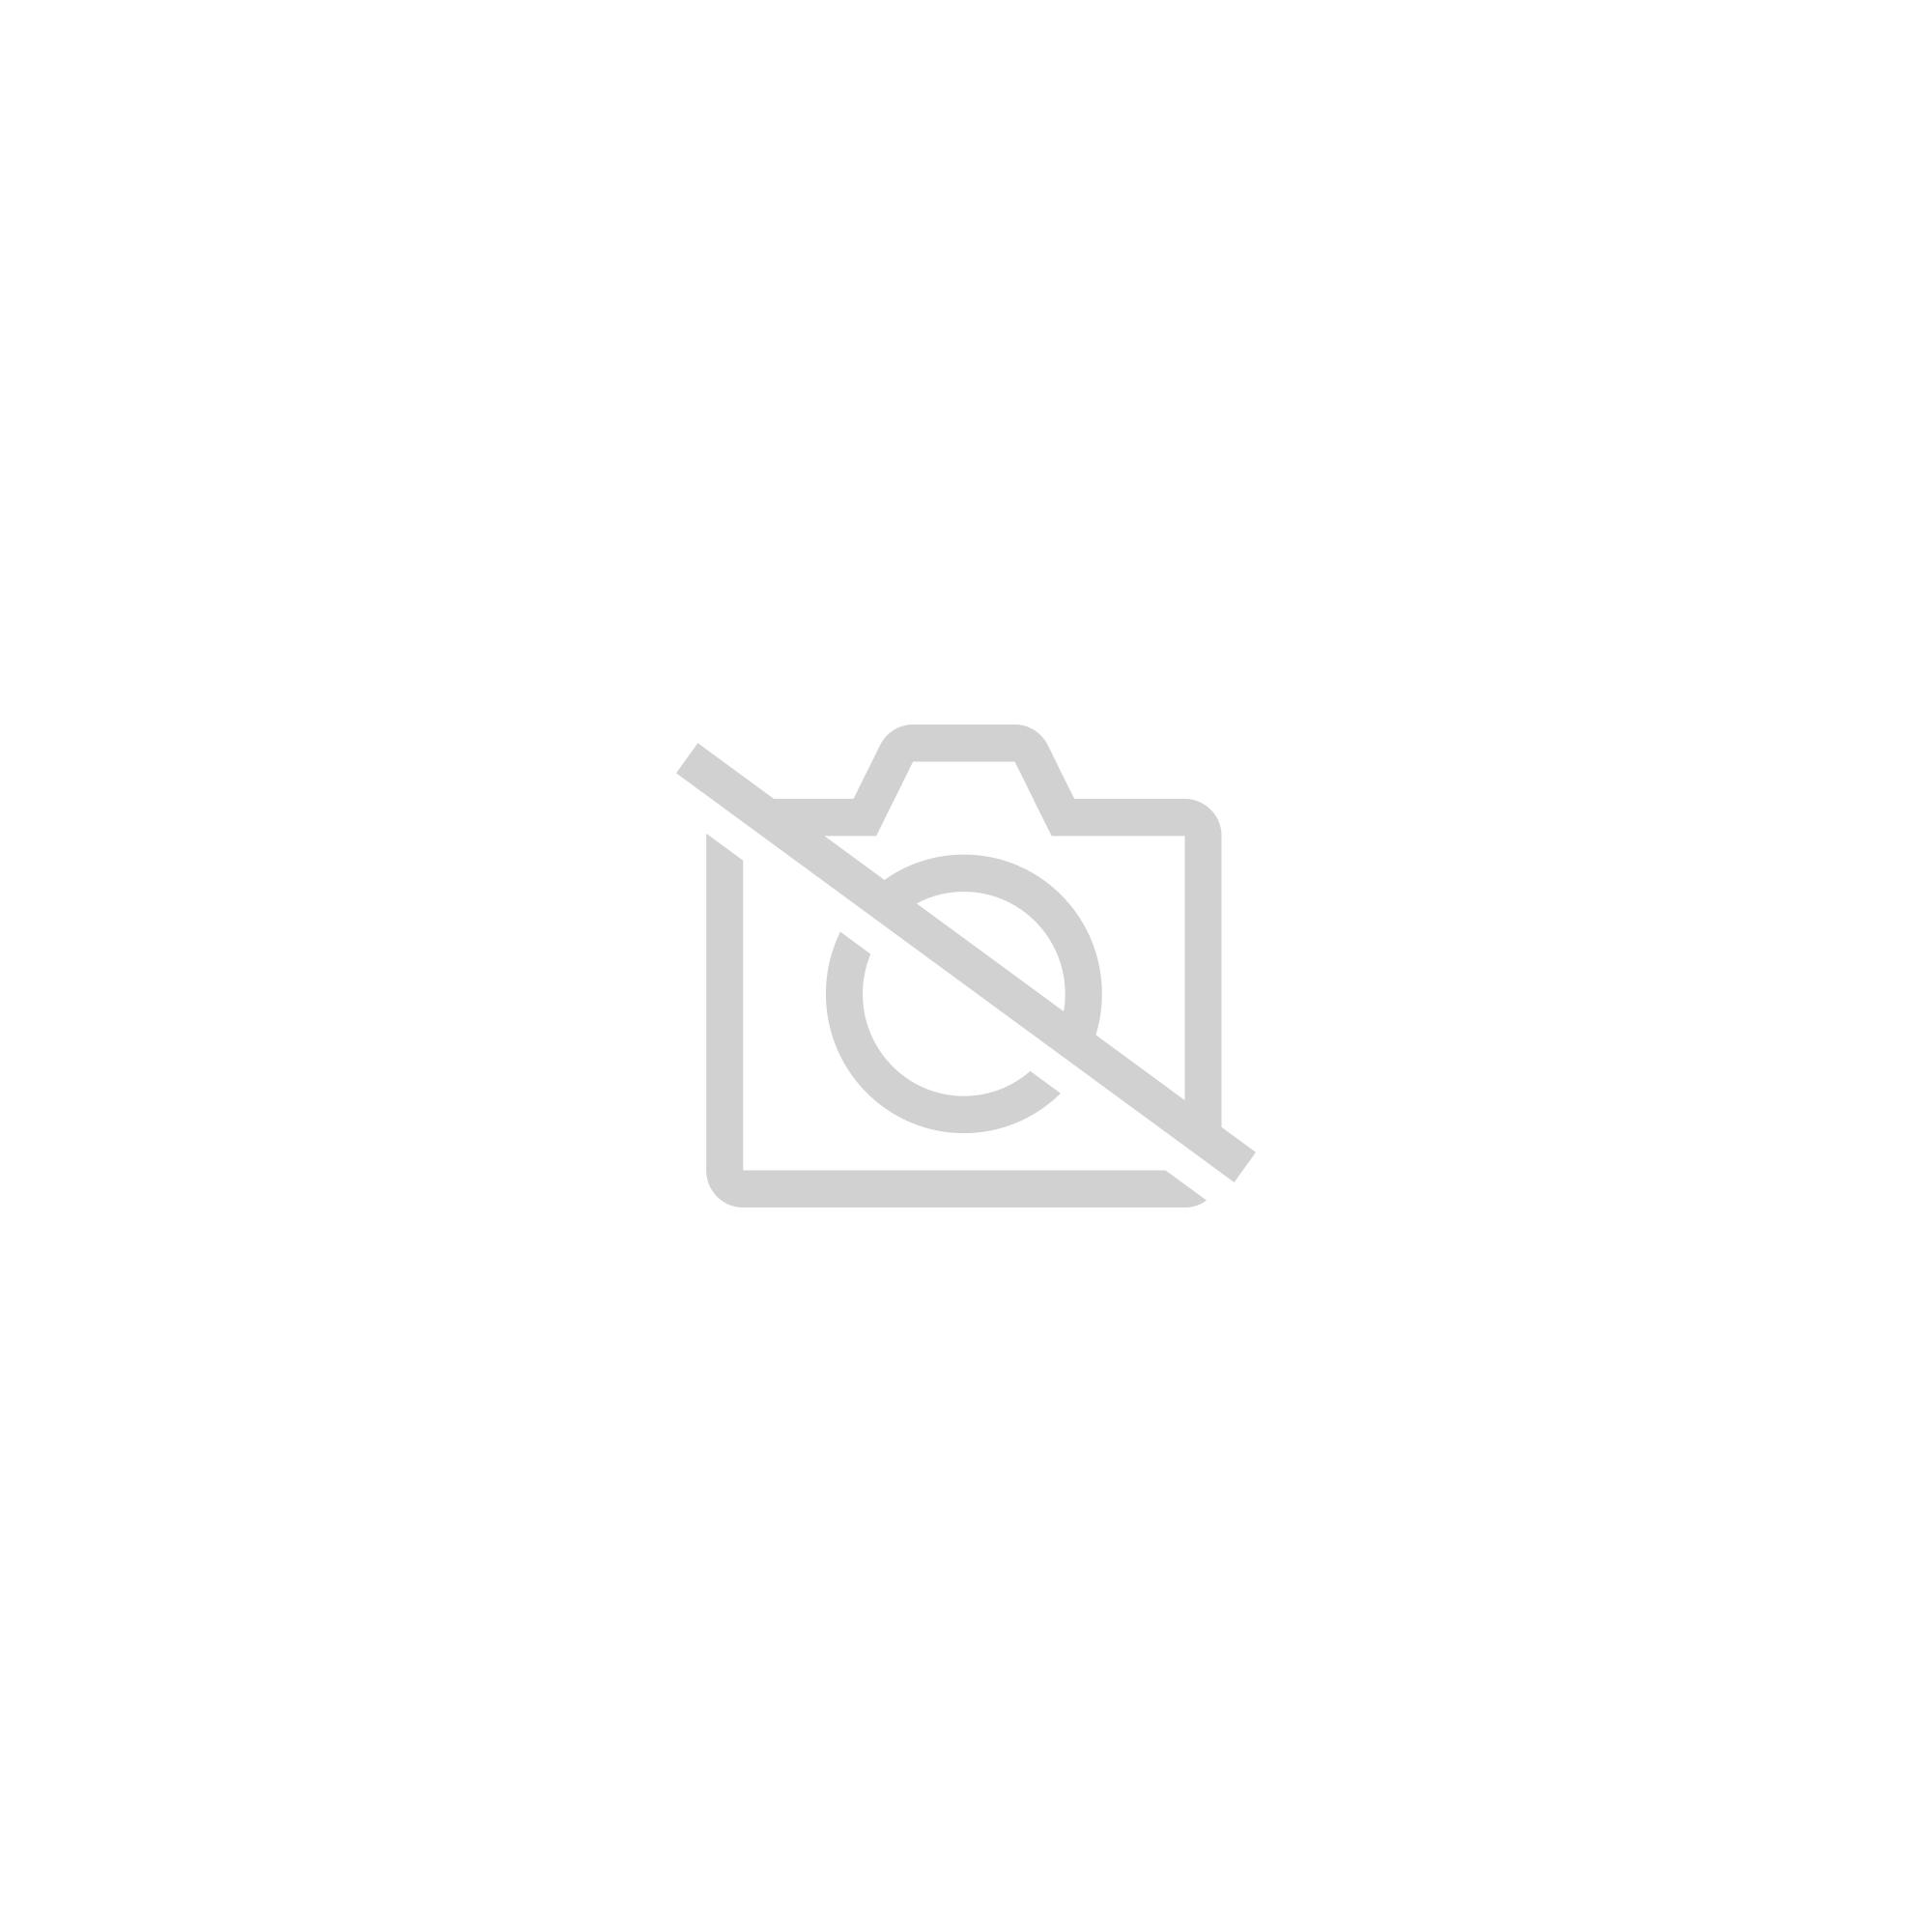 Chasse Parfield et Bottes Chaudes Aigle Fur vente Gtx Achat De 0wmN8vn